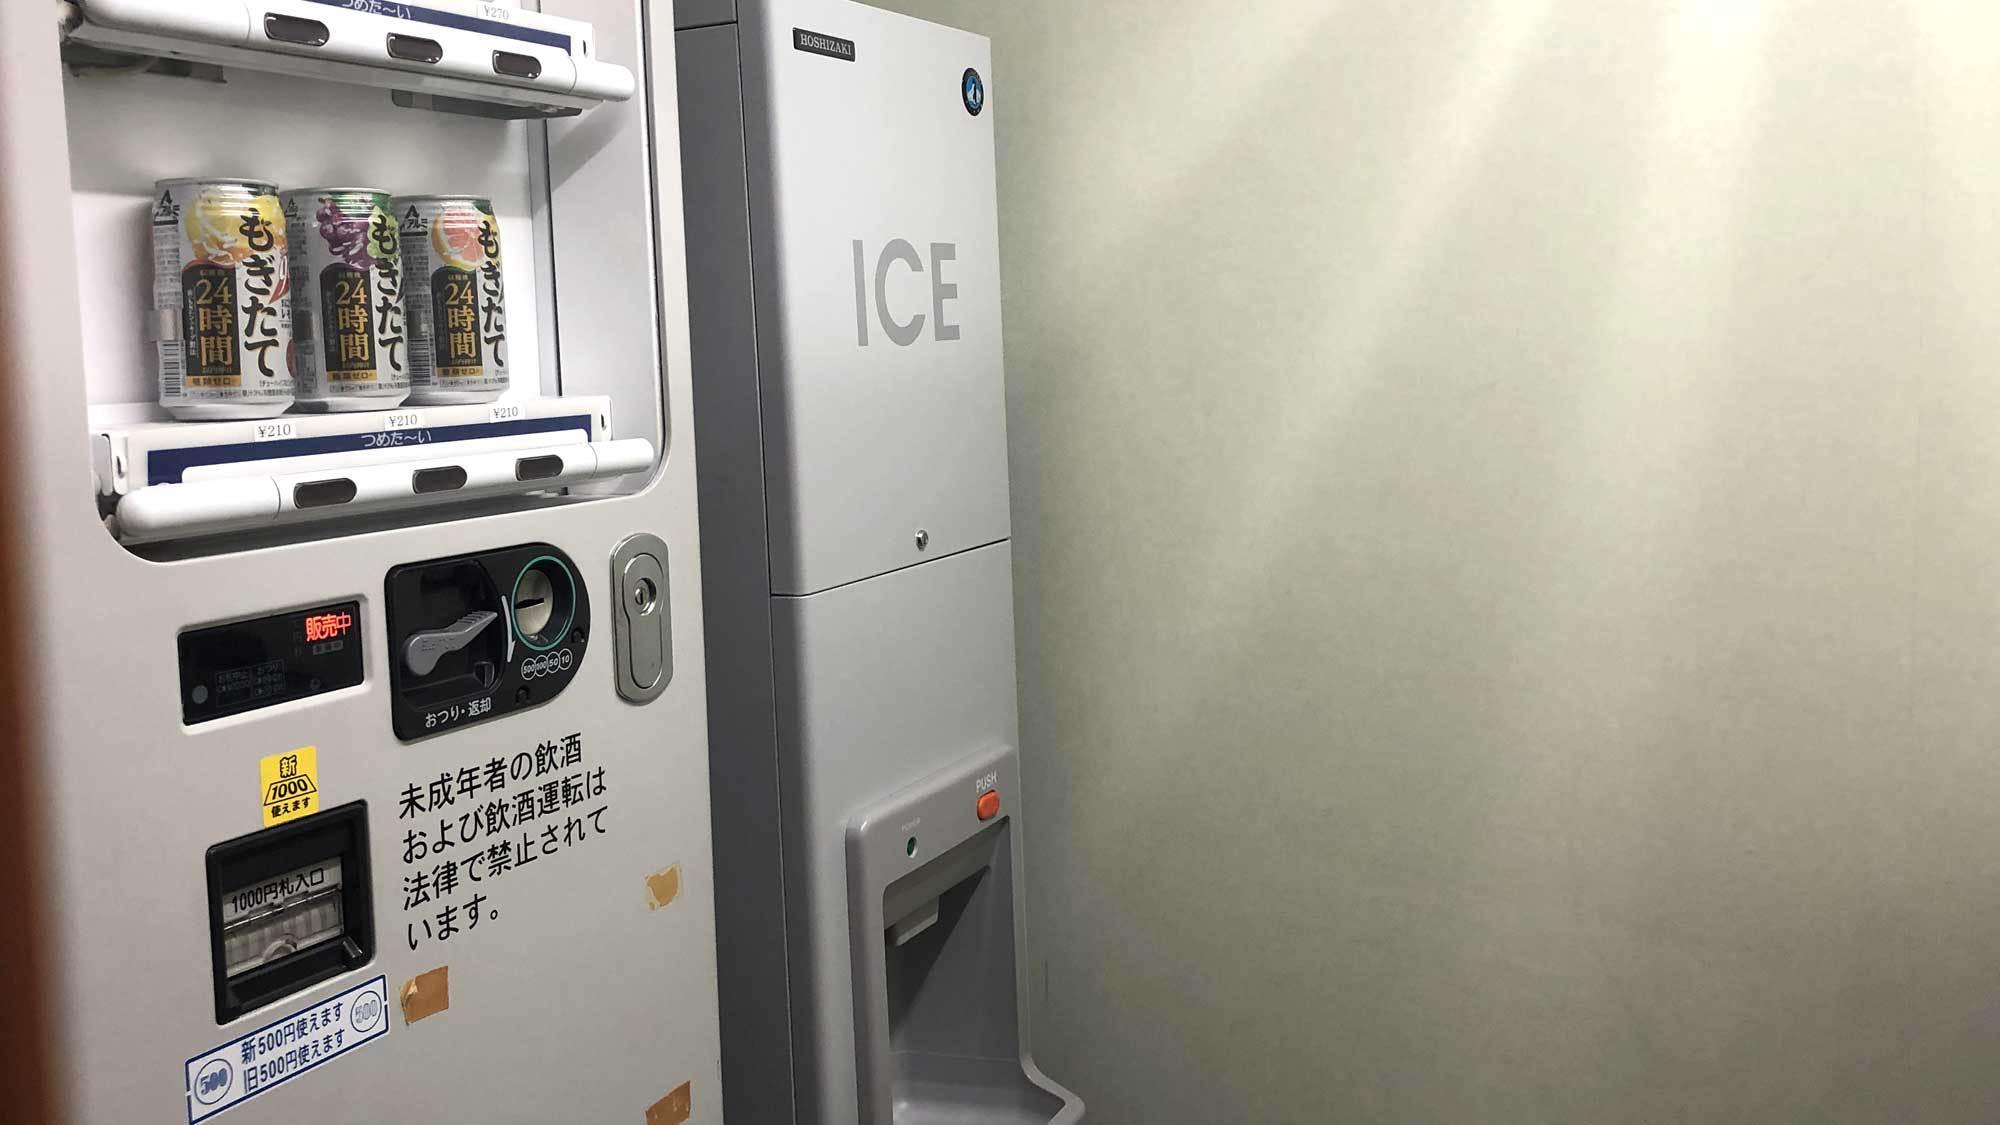 製氷機 客室冷蔵庫の中にアイスペールが入ってます